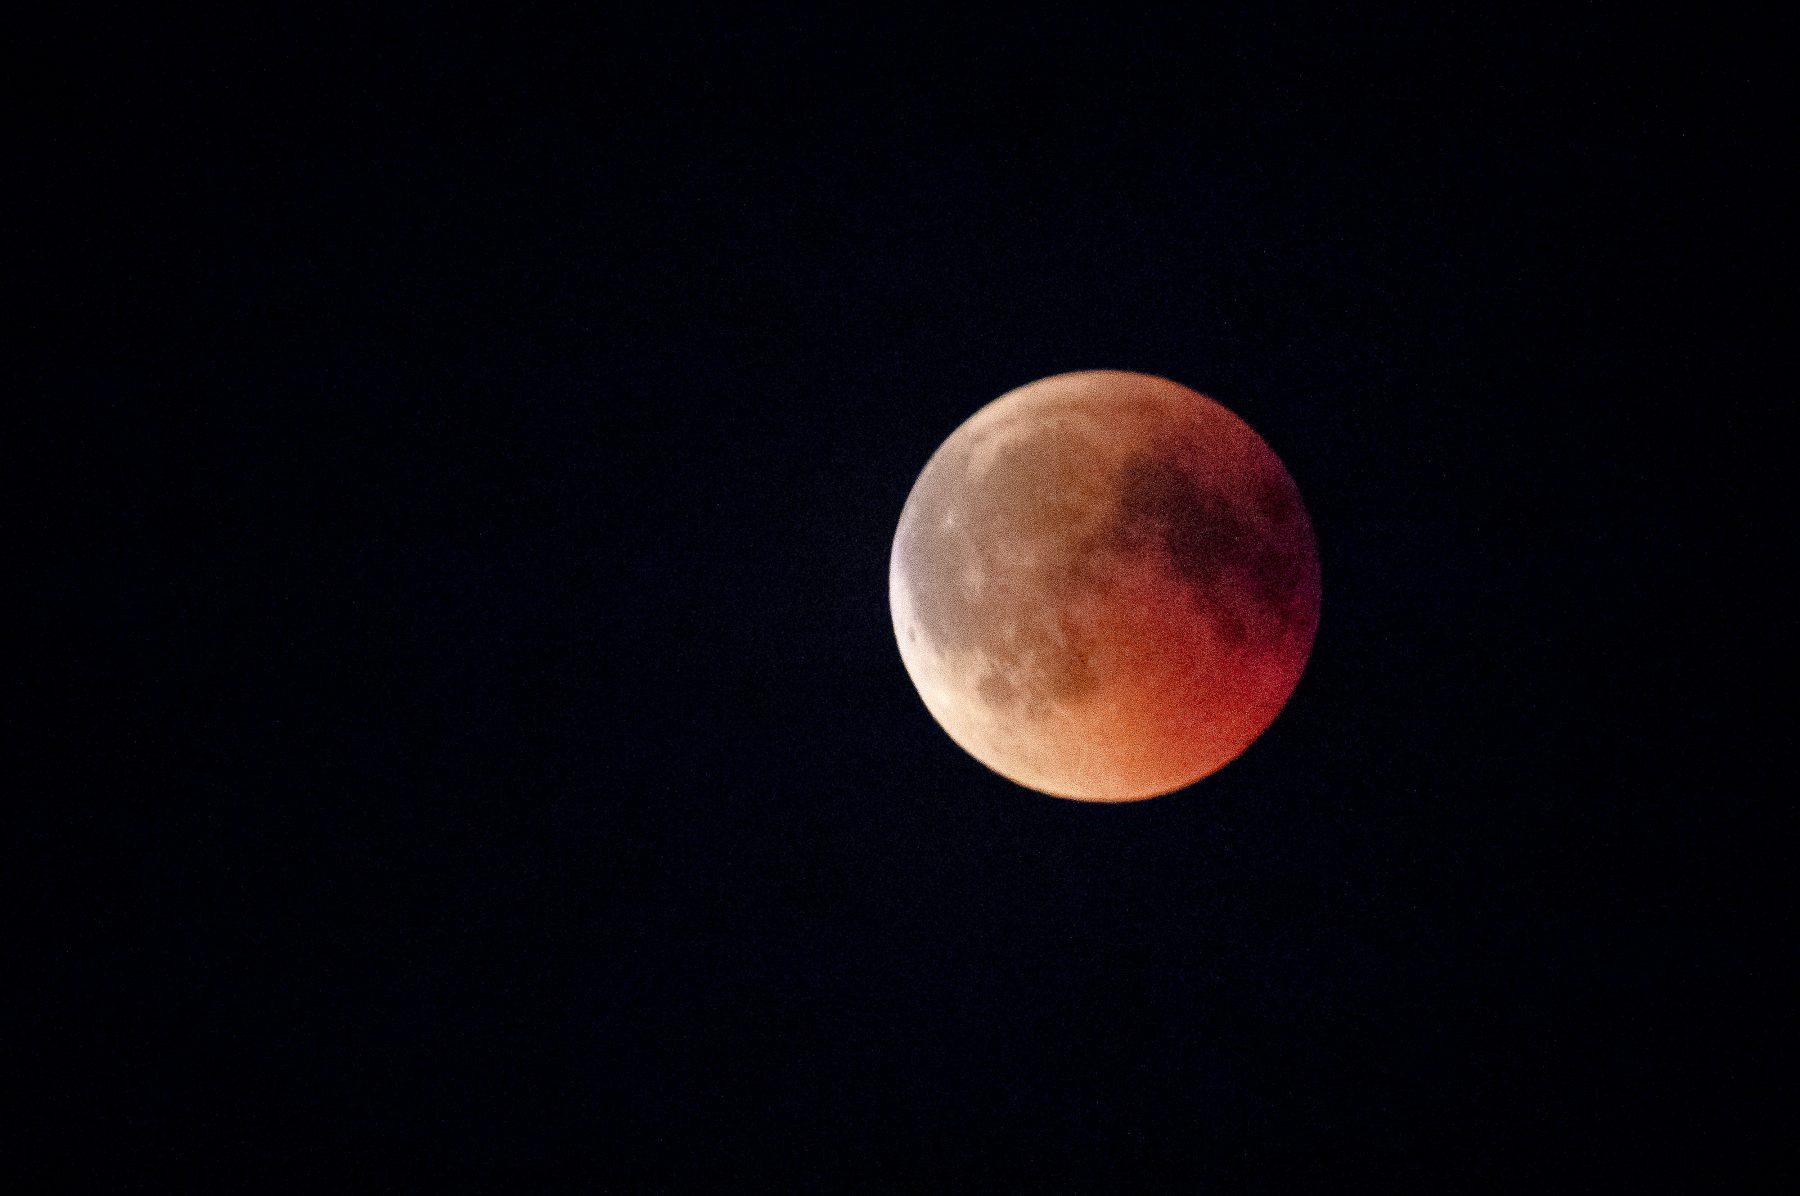 Maandag is het maan-dag: supermaan én bloedmaan goed te zien